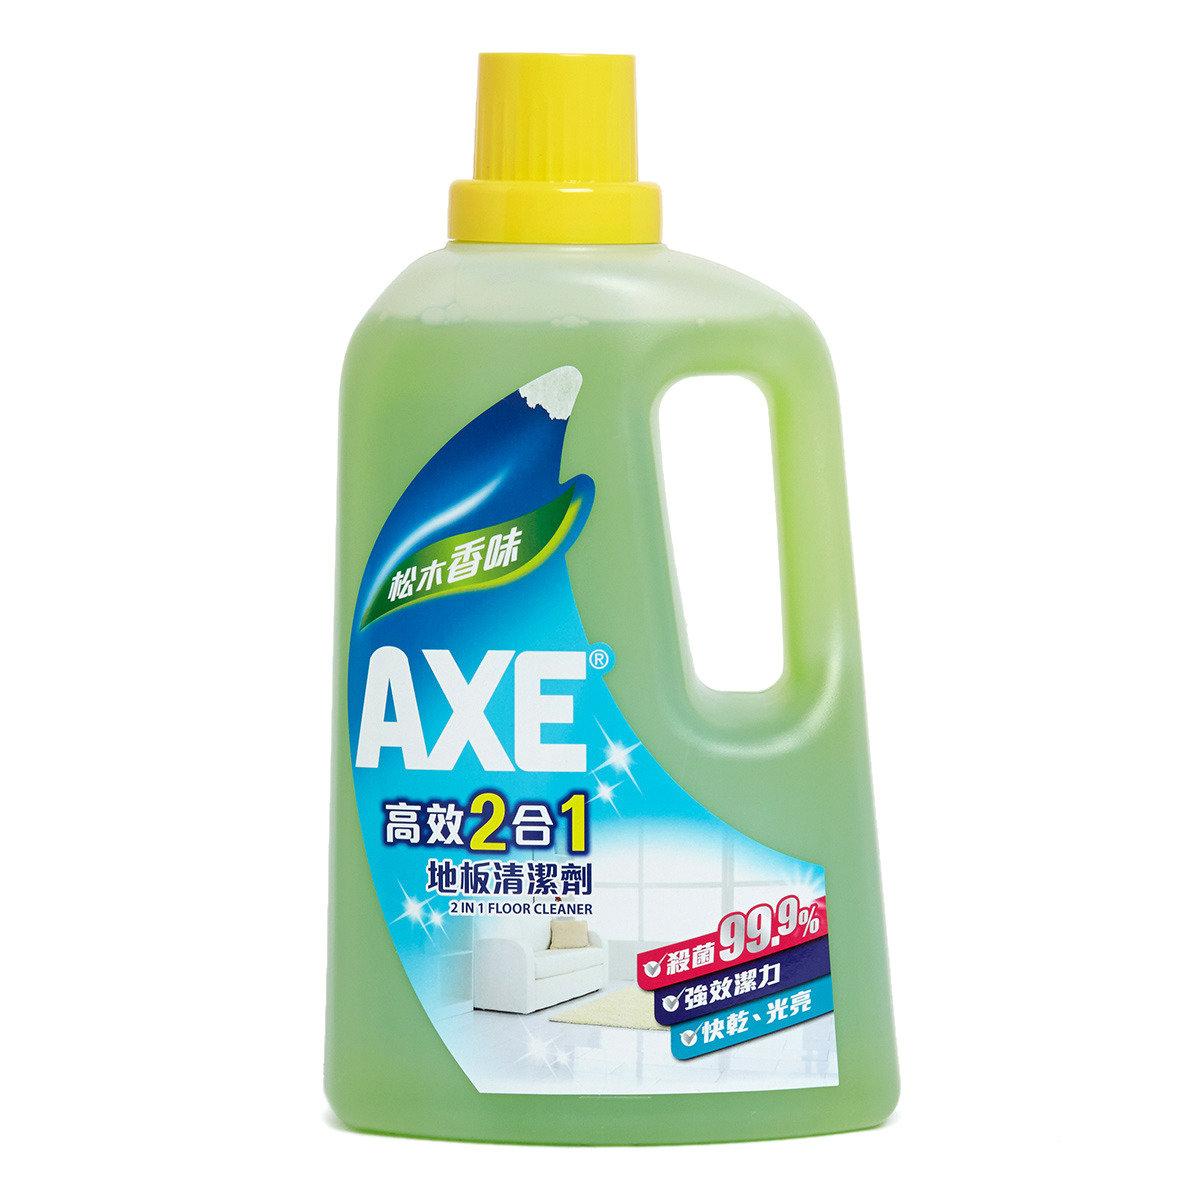 高效二合一地板清潔劑  - 松木香味